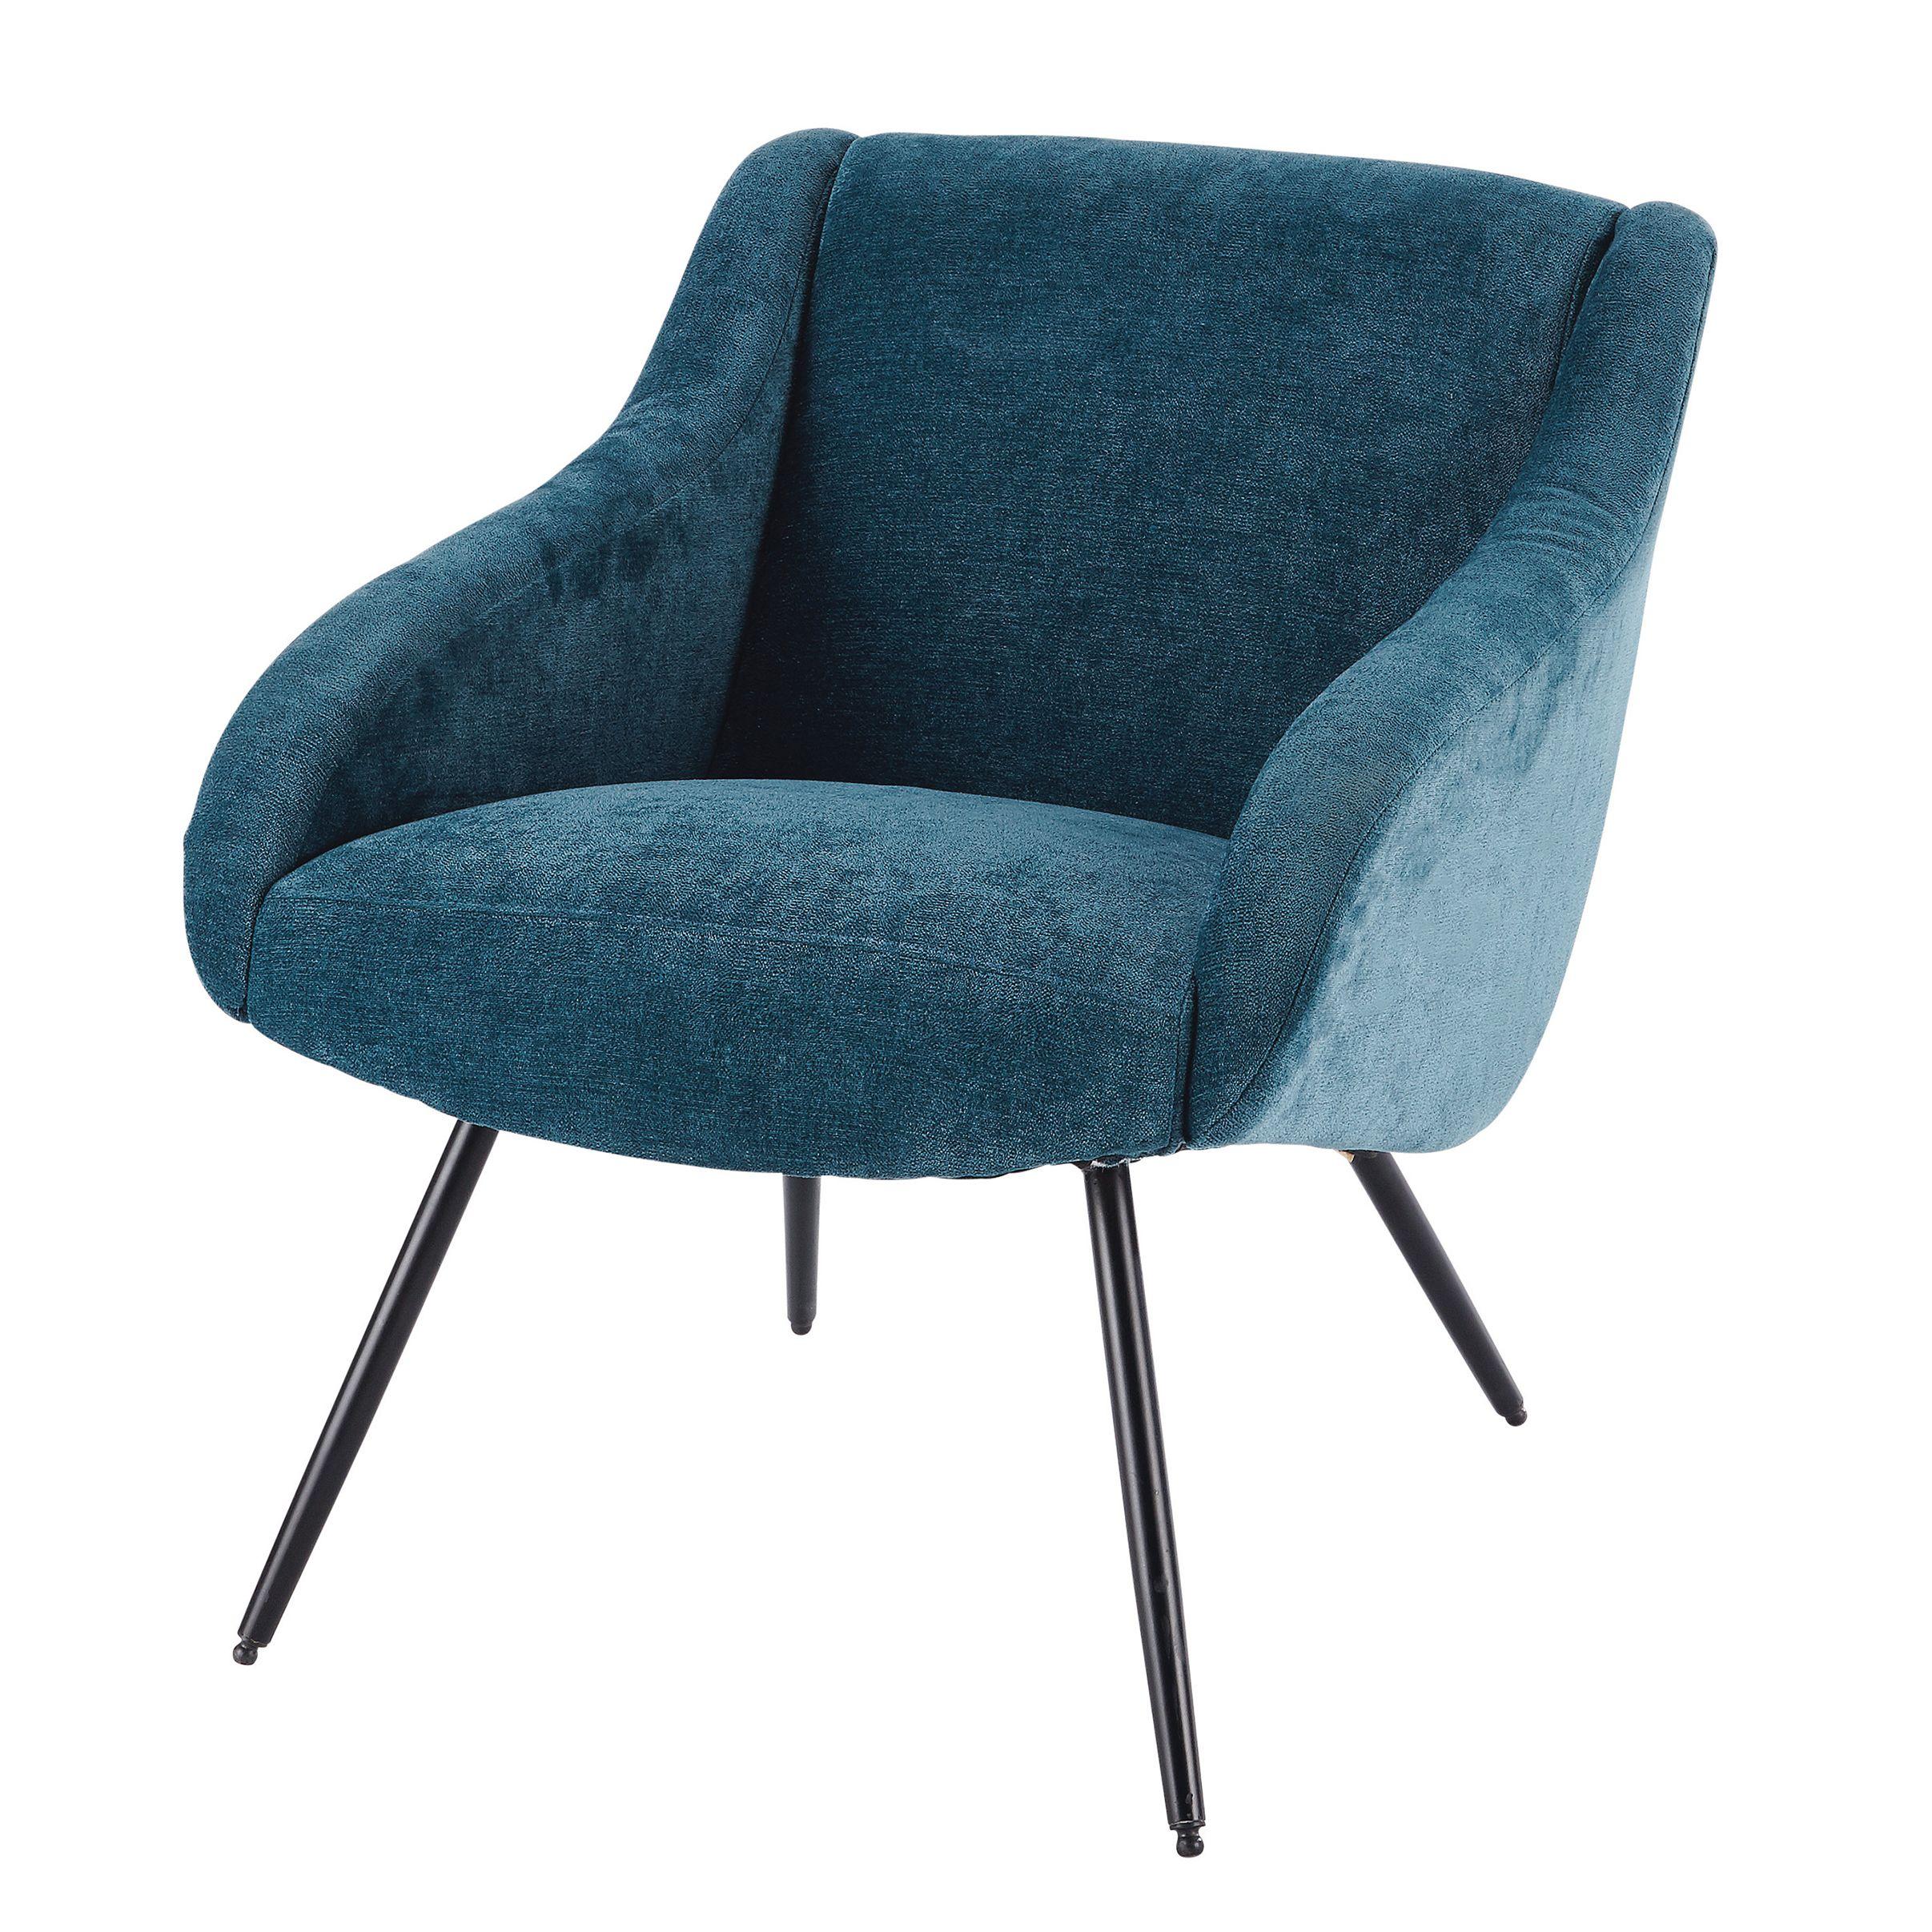 Cocktailsessel blau  Sessel aus Velours im Vintage-Stil, blau und Metall | Armchairs ...